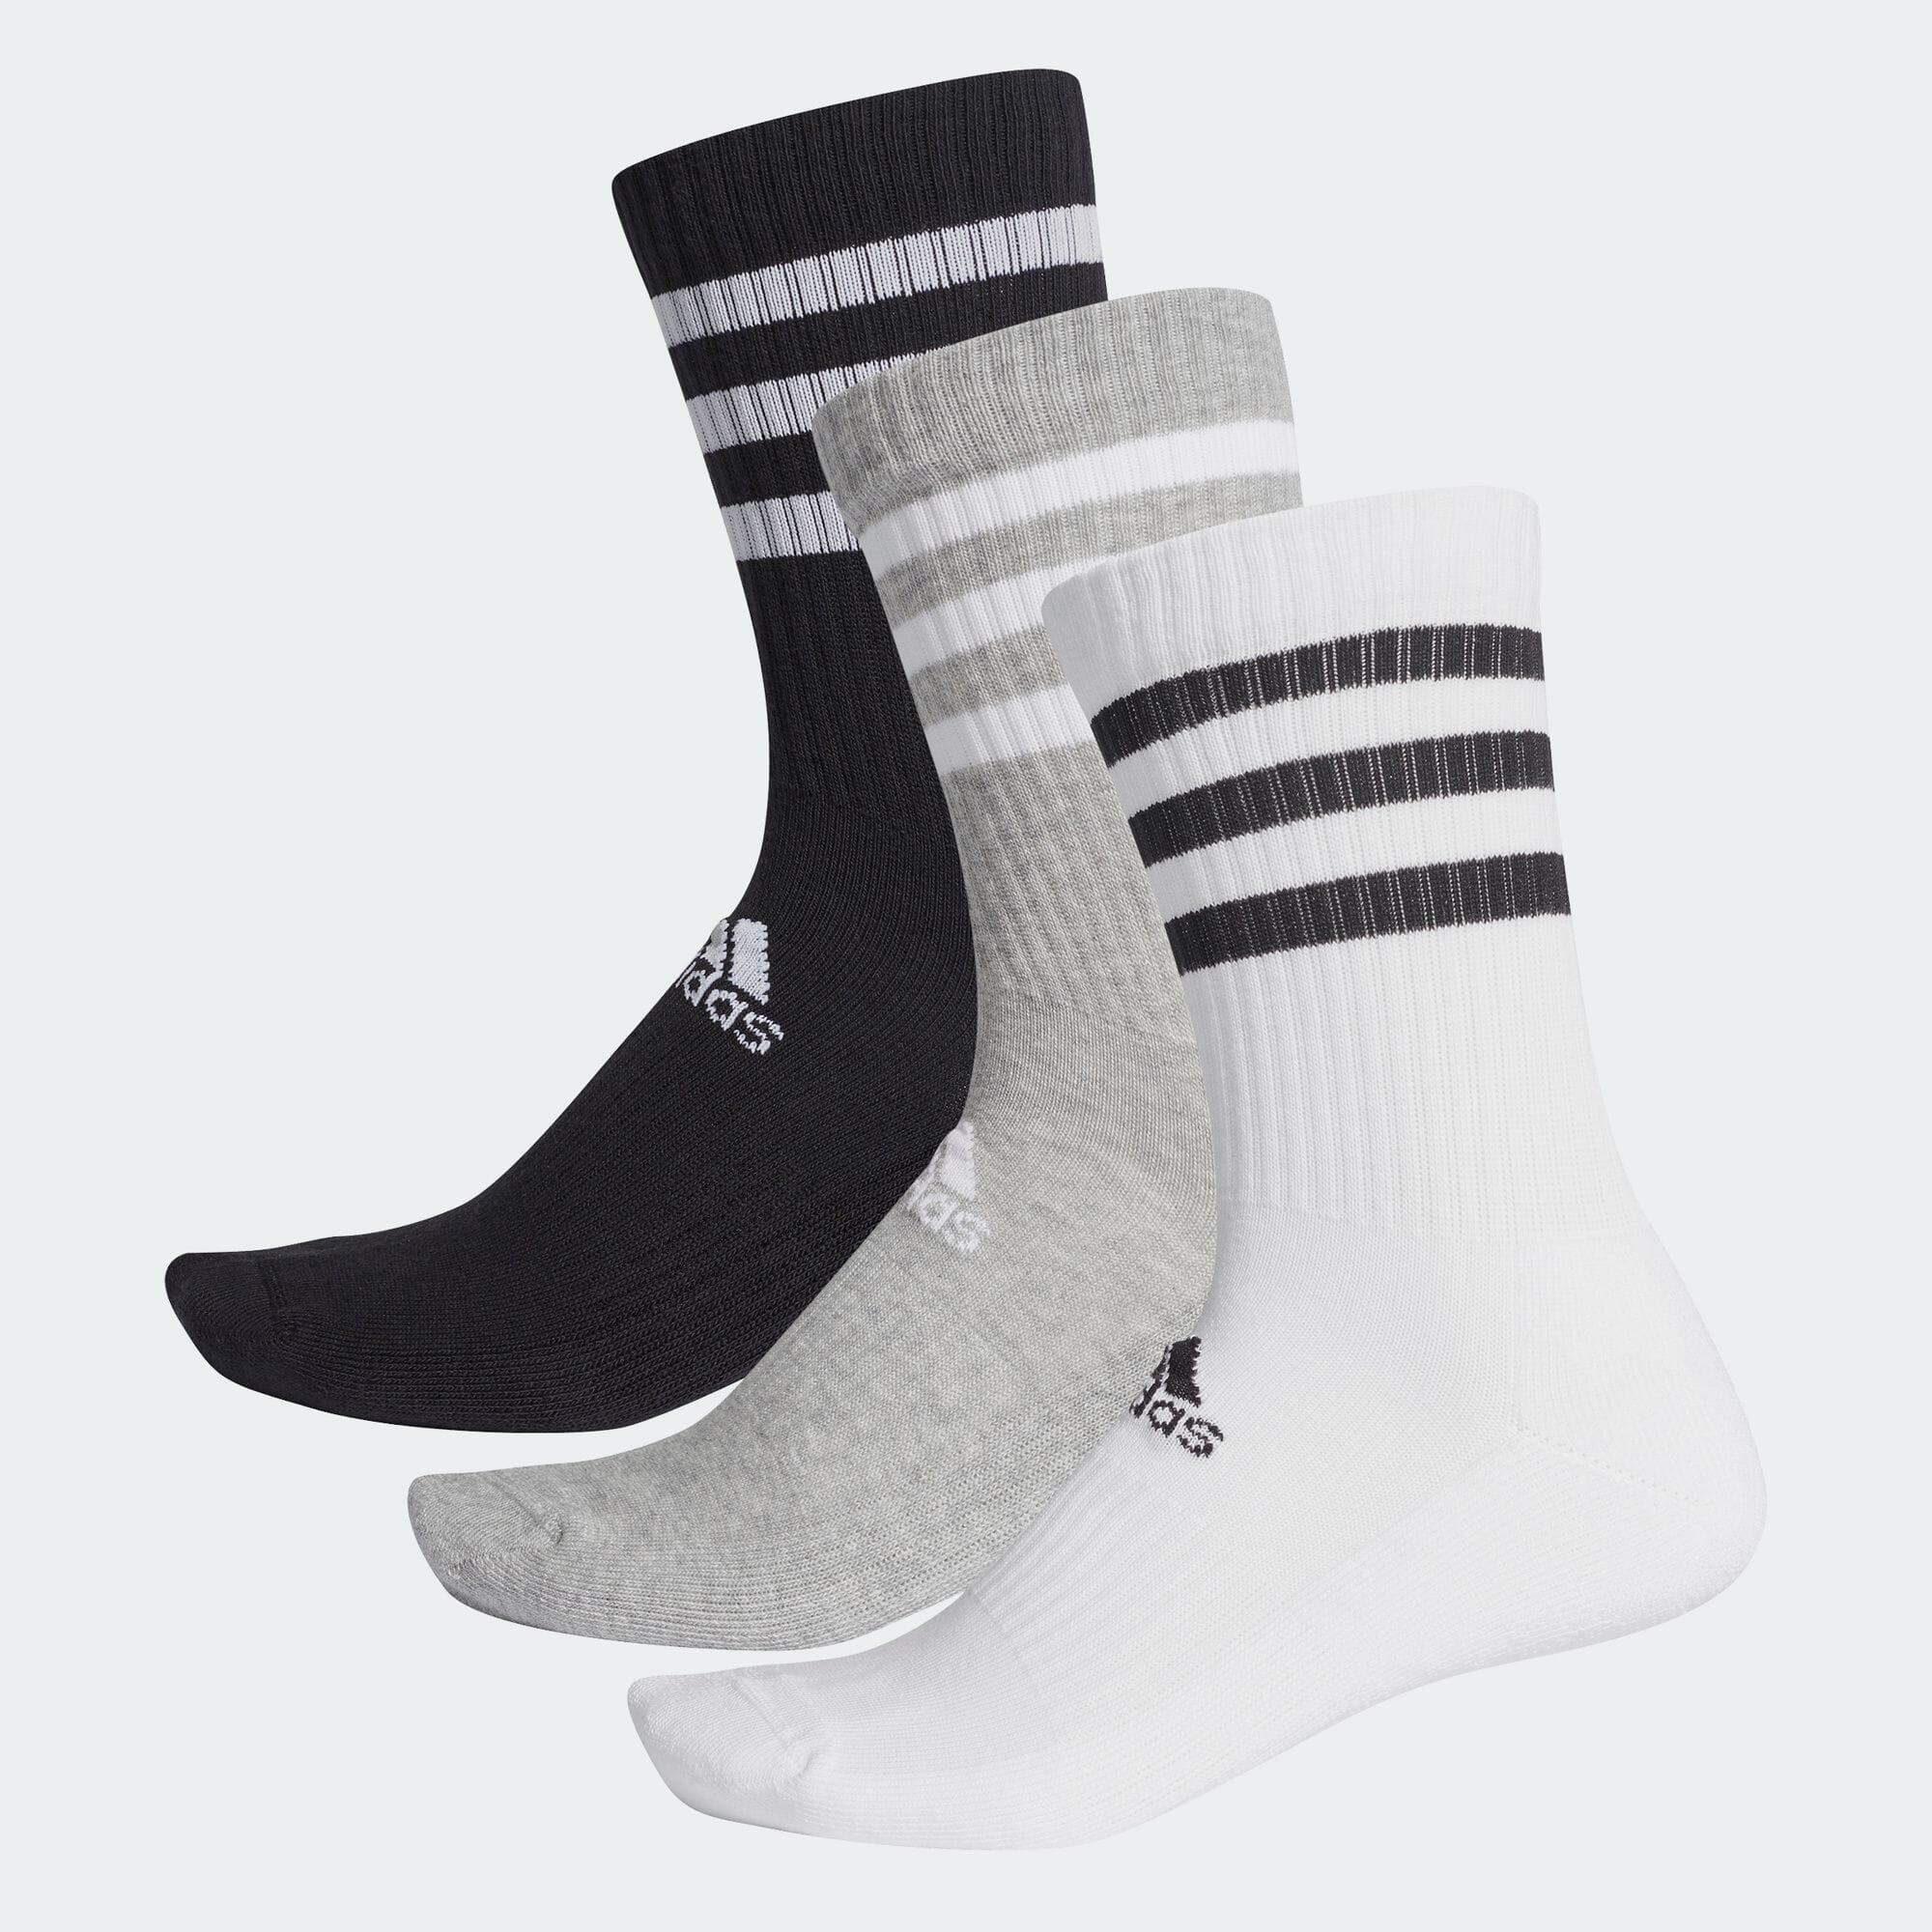 スリーストライプス クッション クルー ソックス 3足組み [3-Stripes Cushioned Crew Socks 3 Pairs]